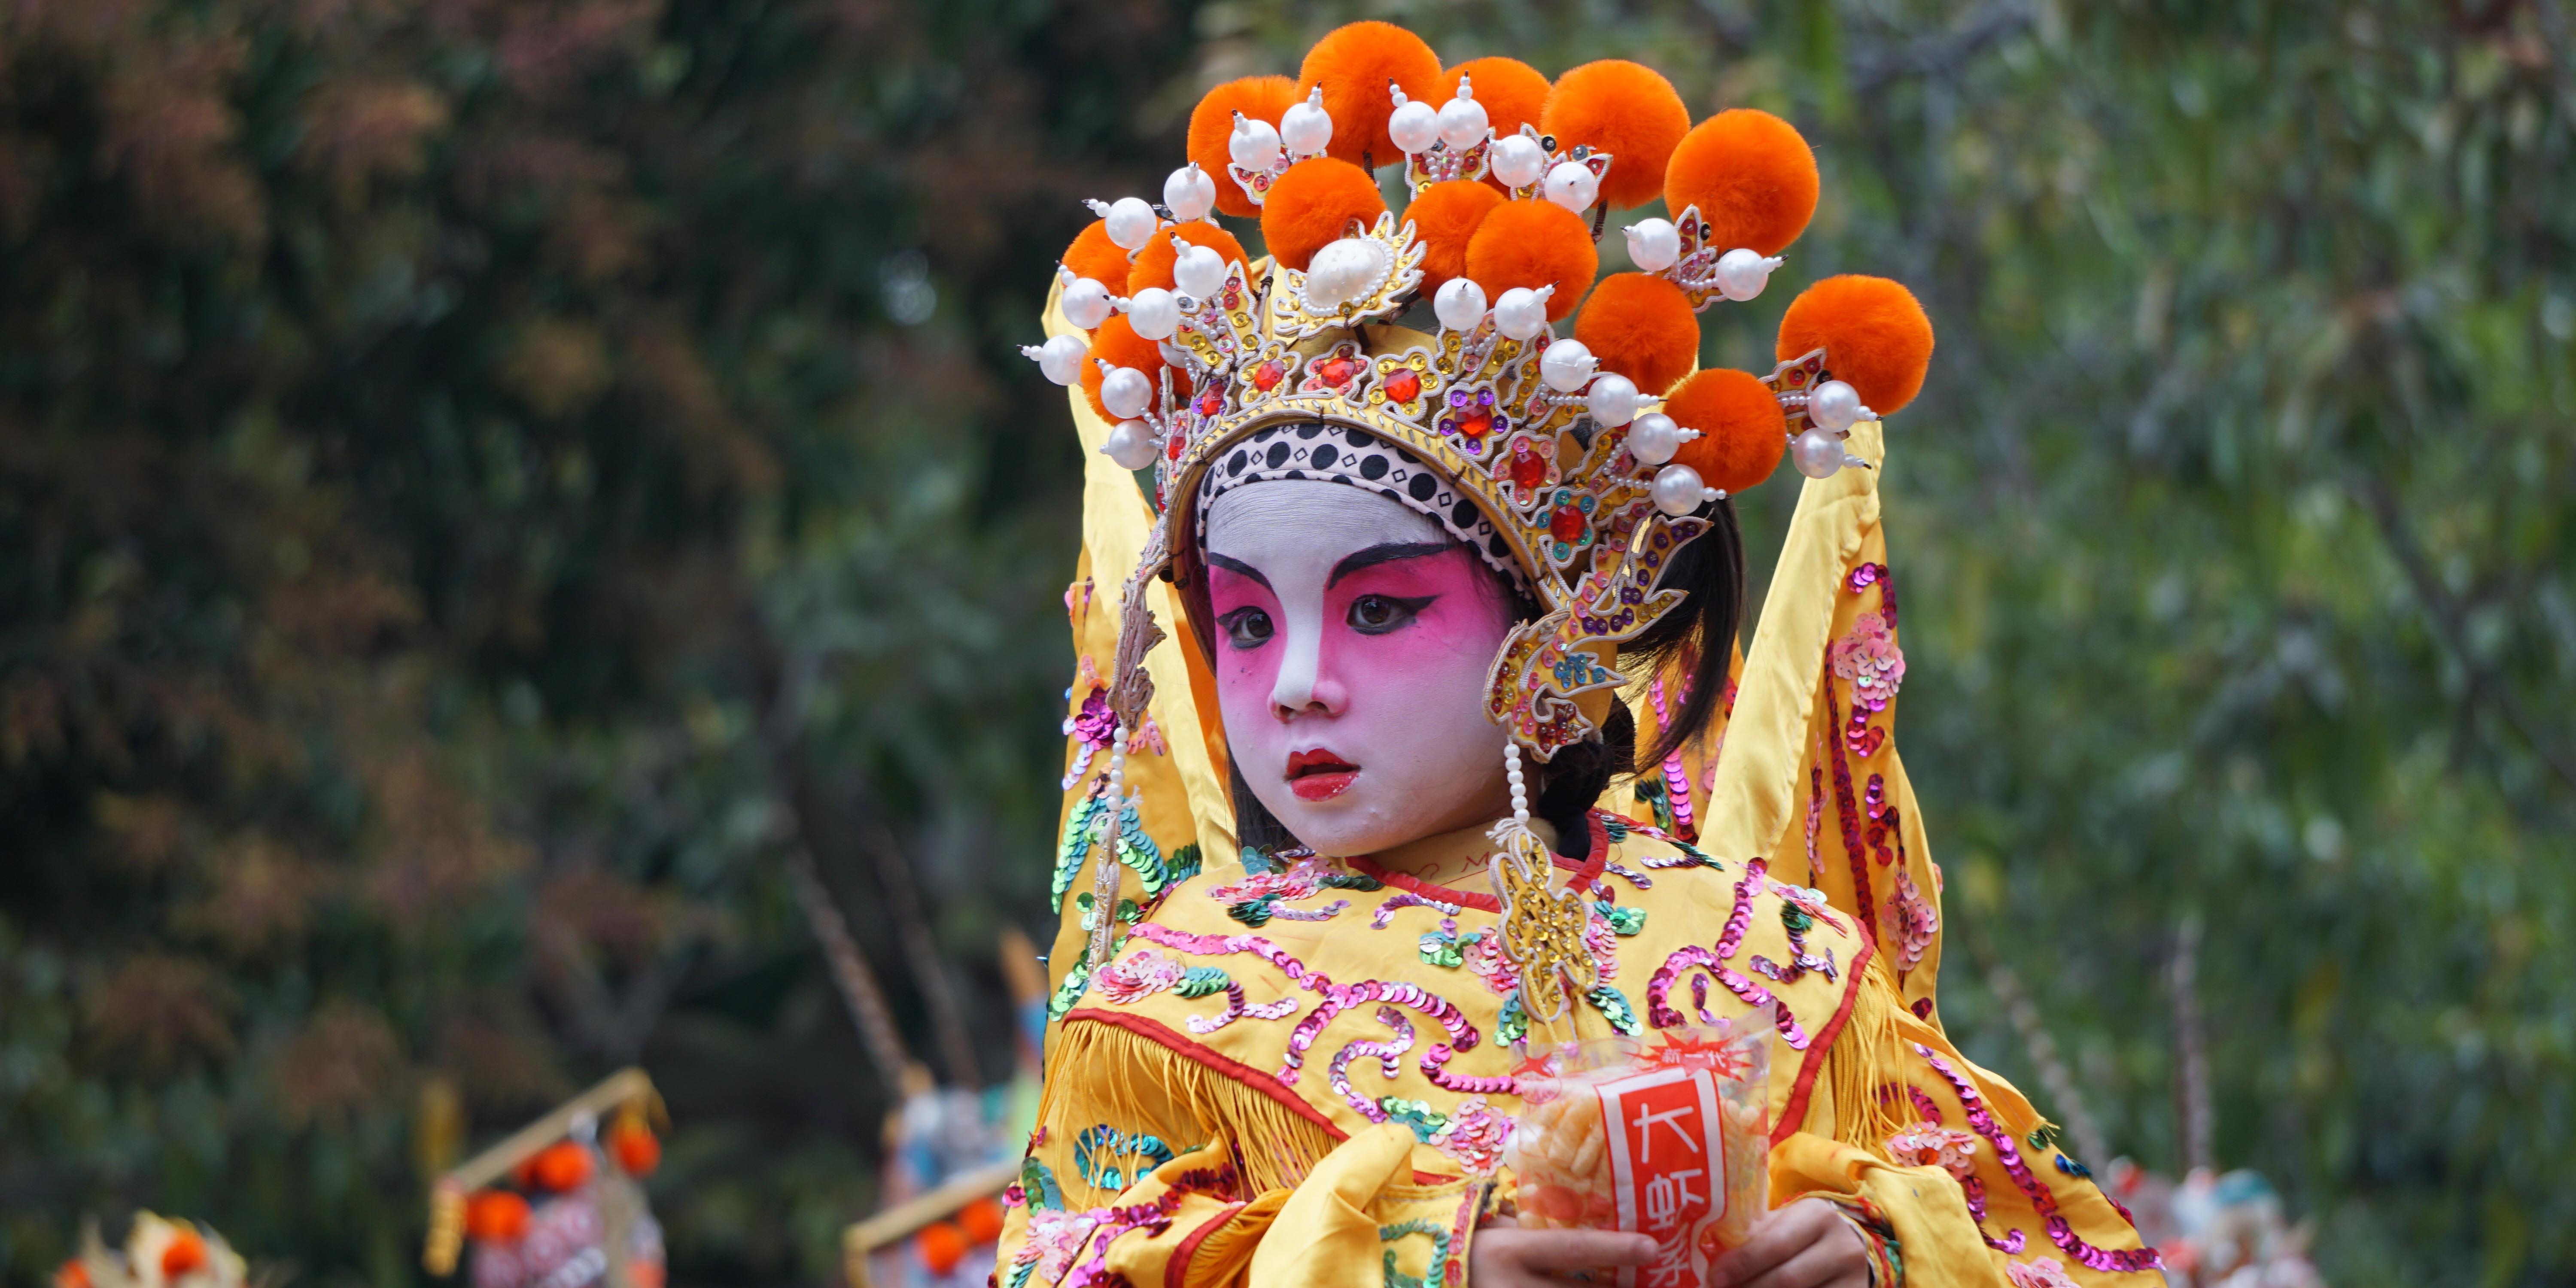 城中村年例别样精彩——霞山村民俗文化巡游